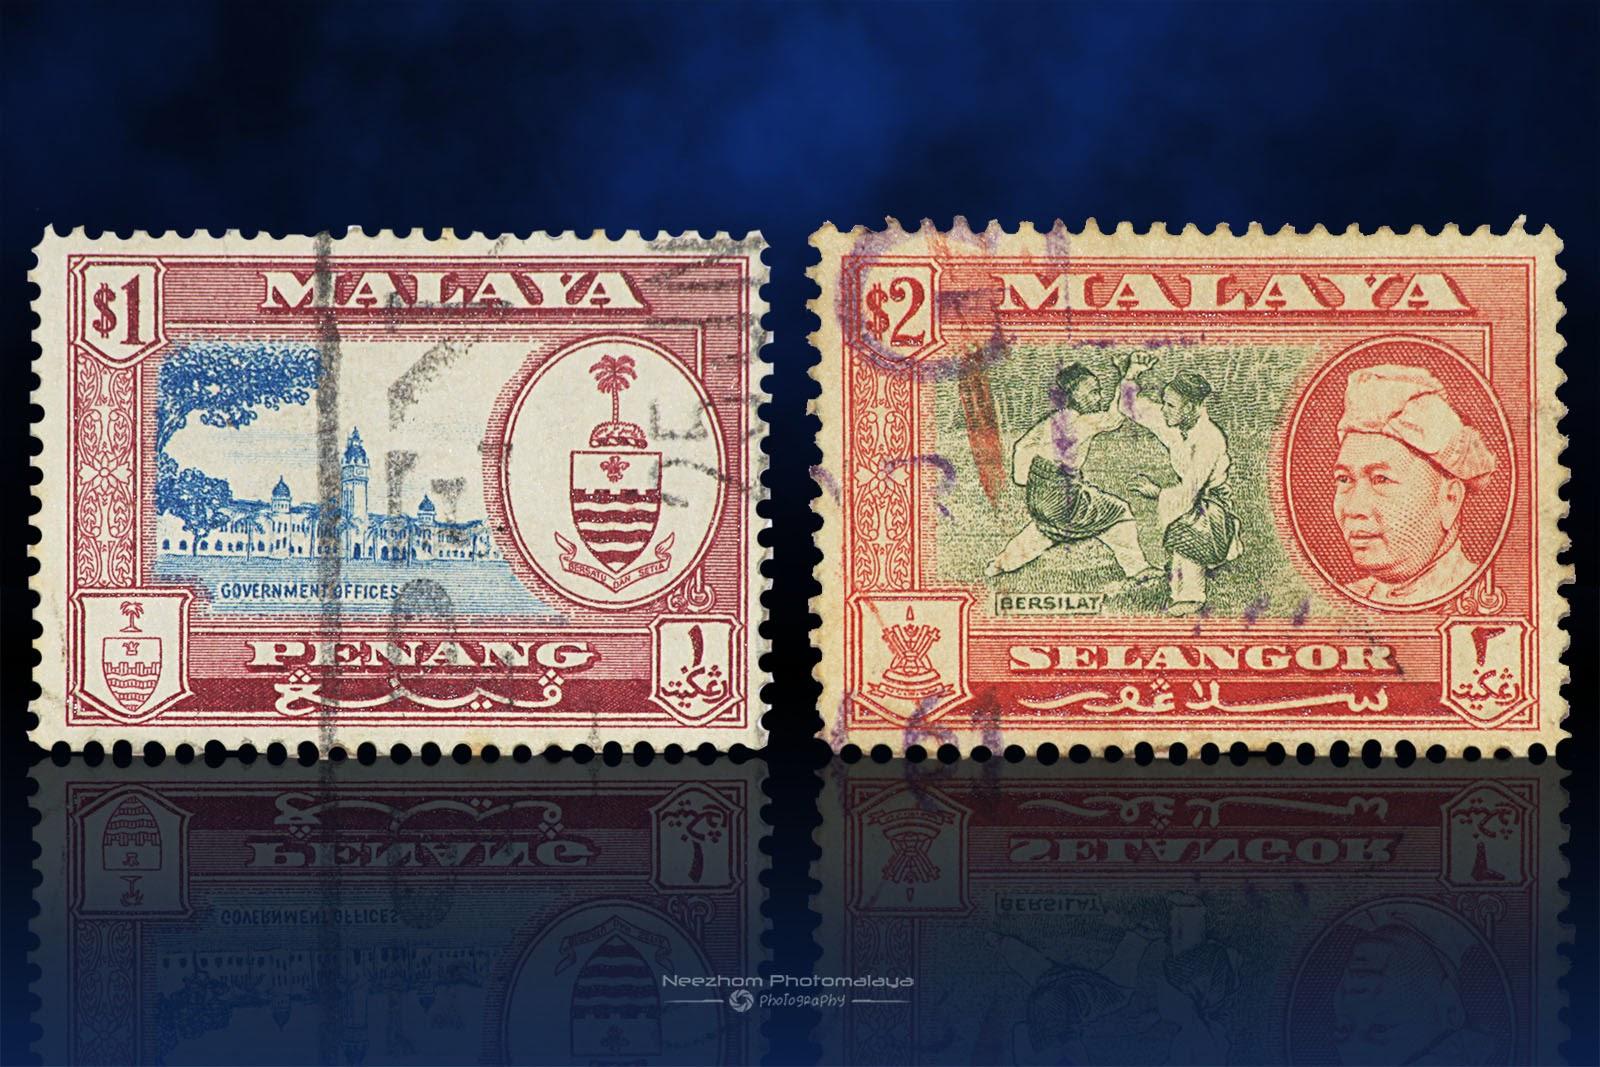 Malaya  1957 - 1961 stamps 1 Ringgit, 2 Ringgit